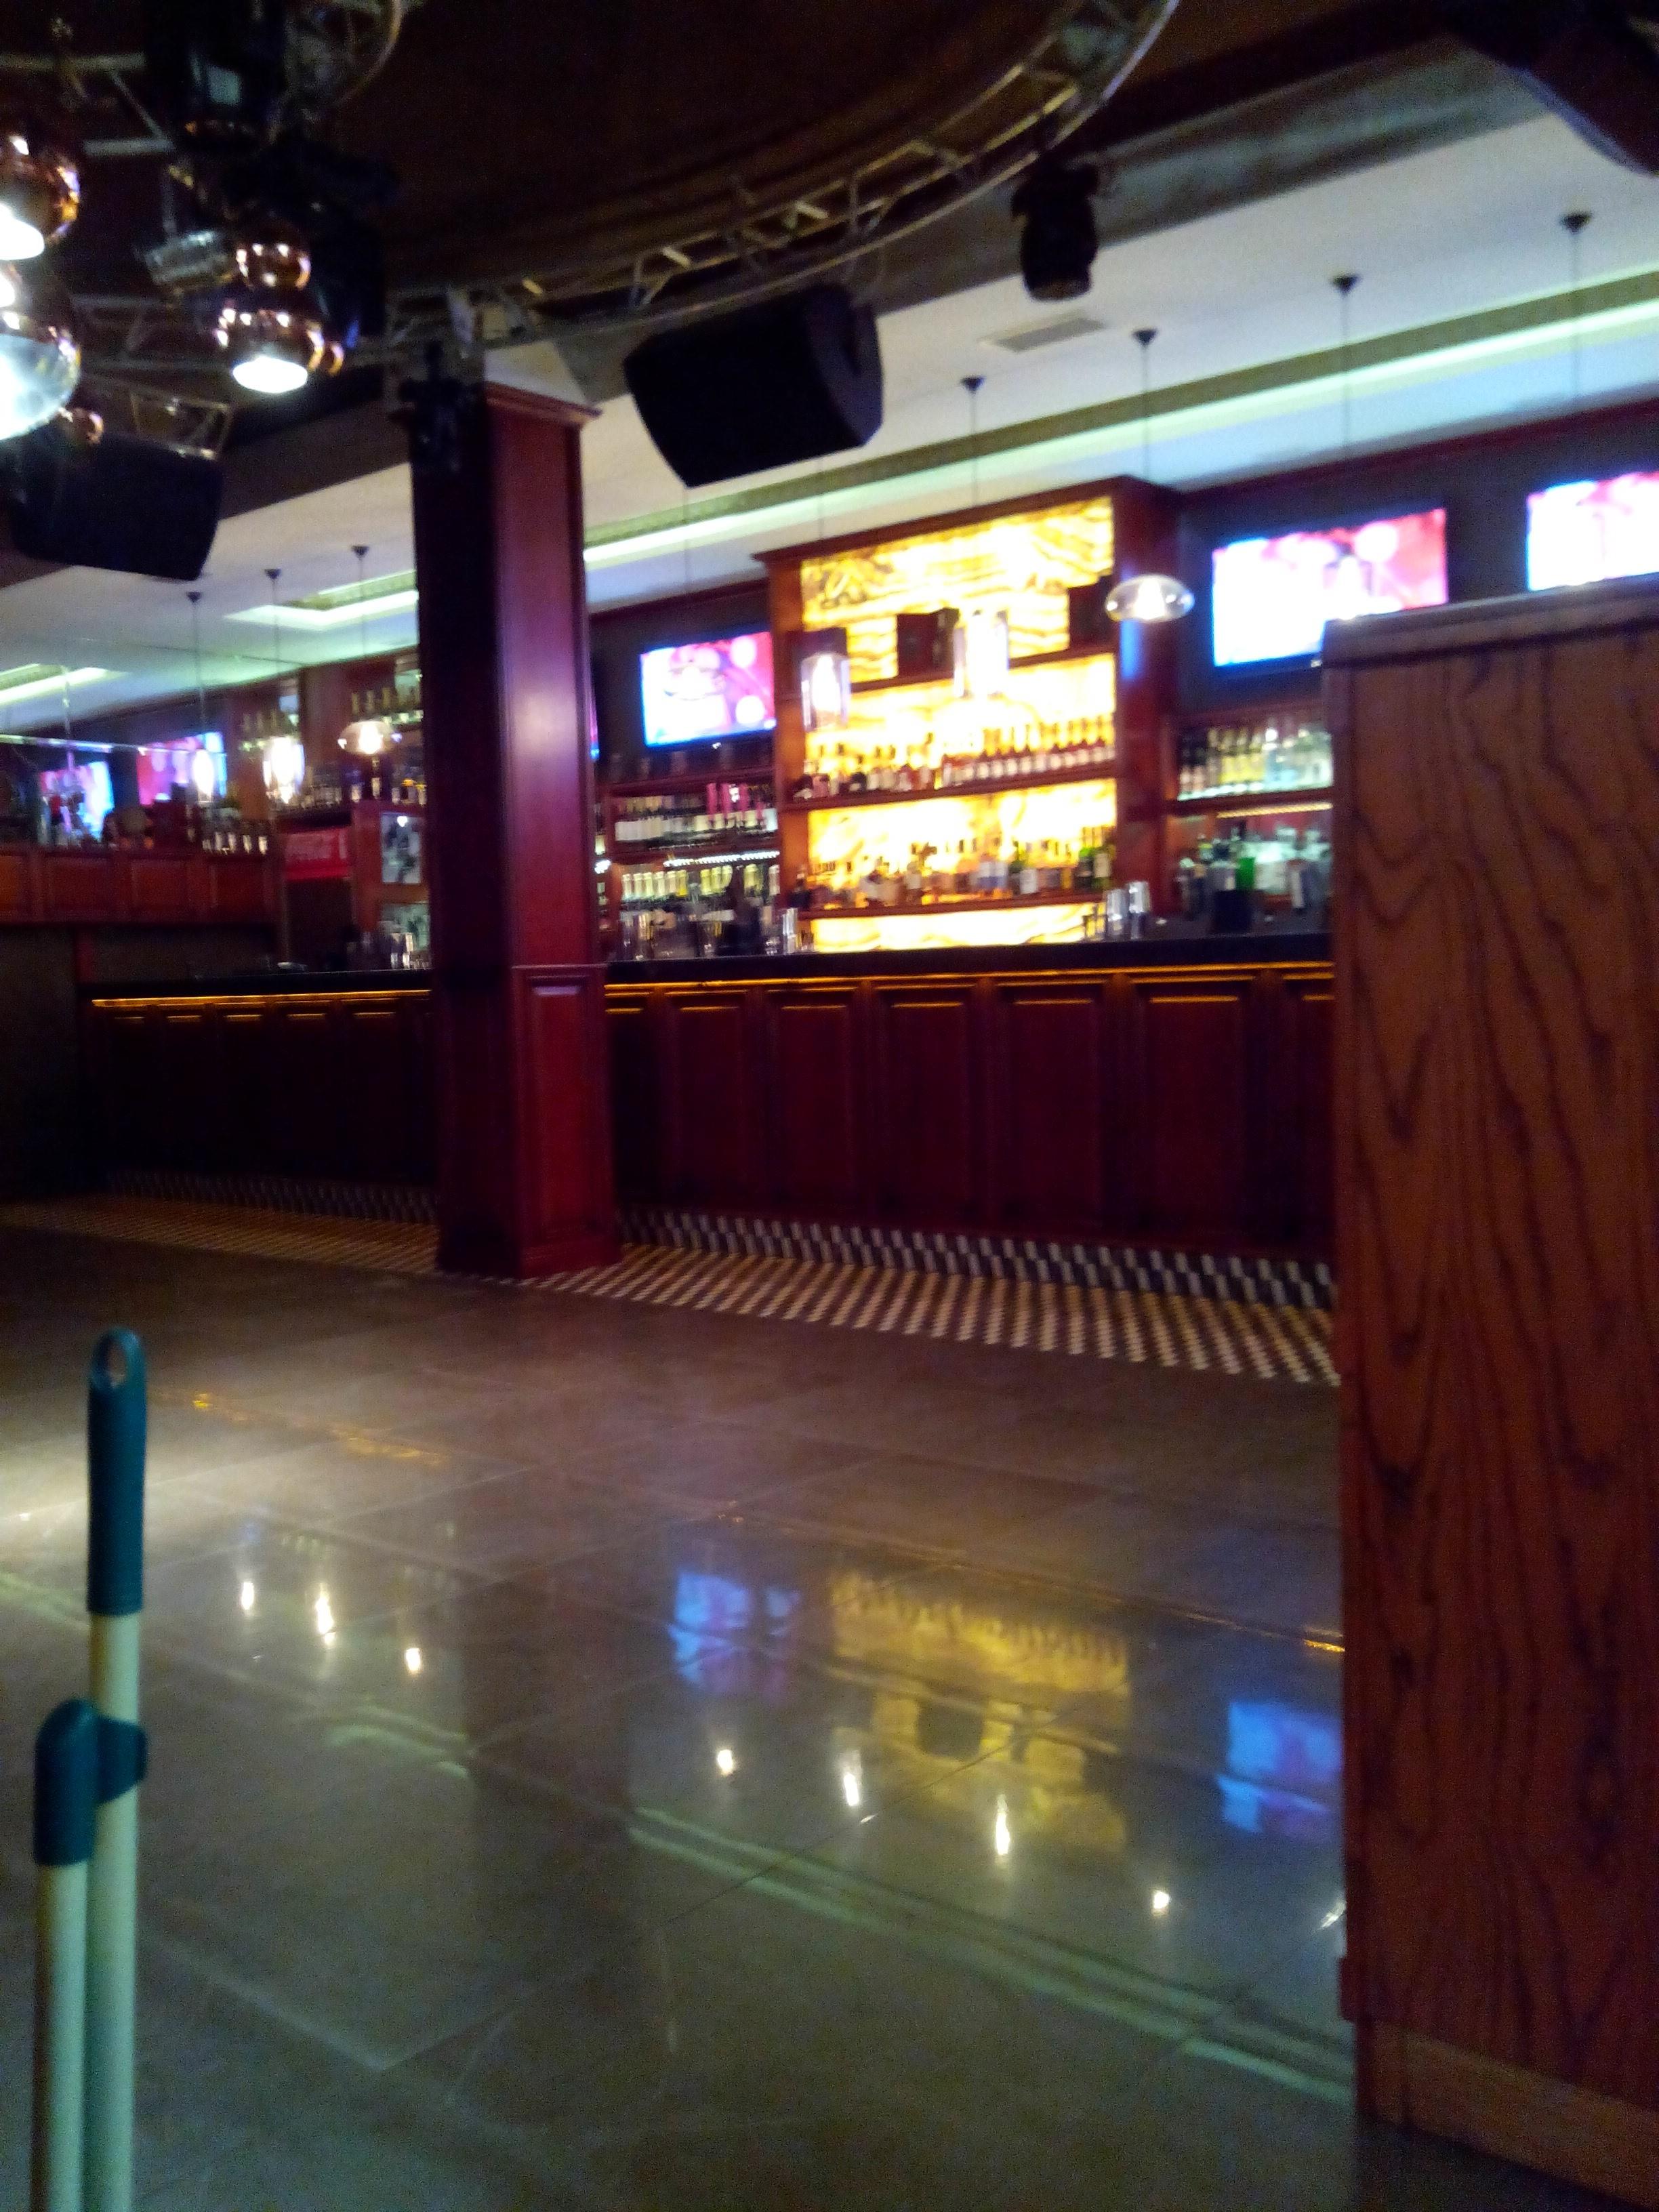 Ресторан дом советов в новороссийске фото центра отдыха